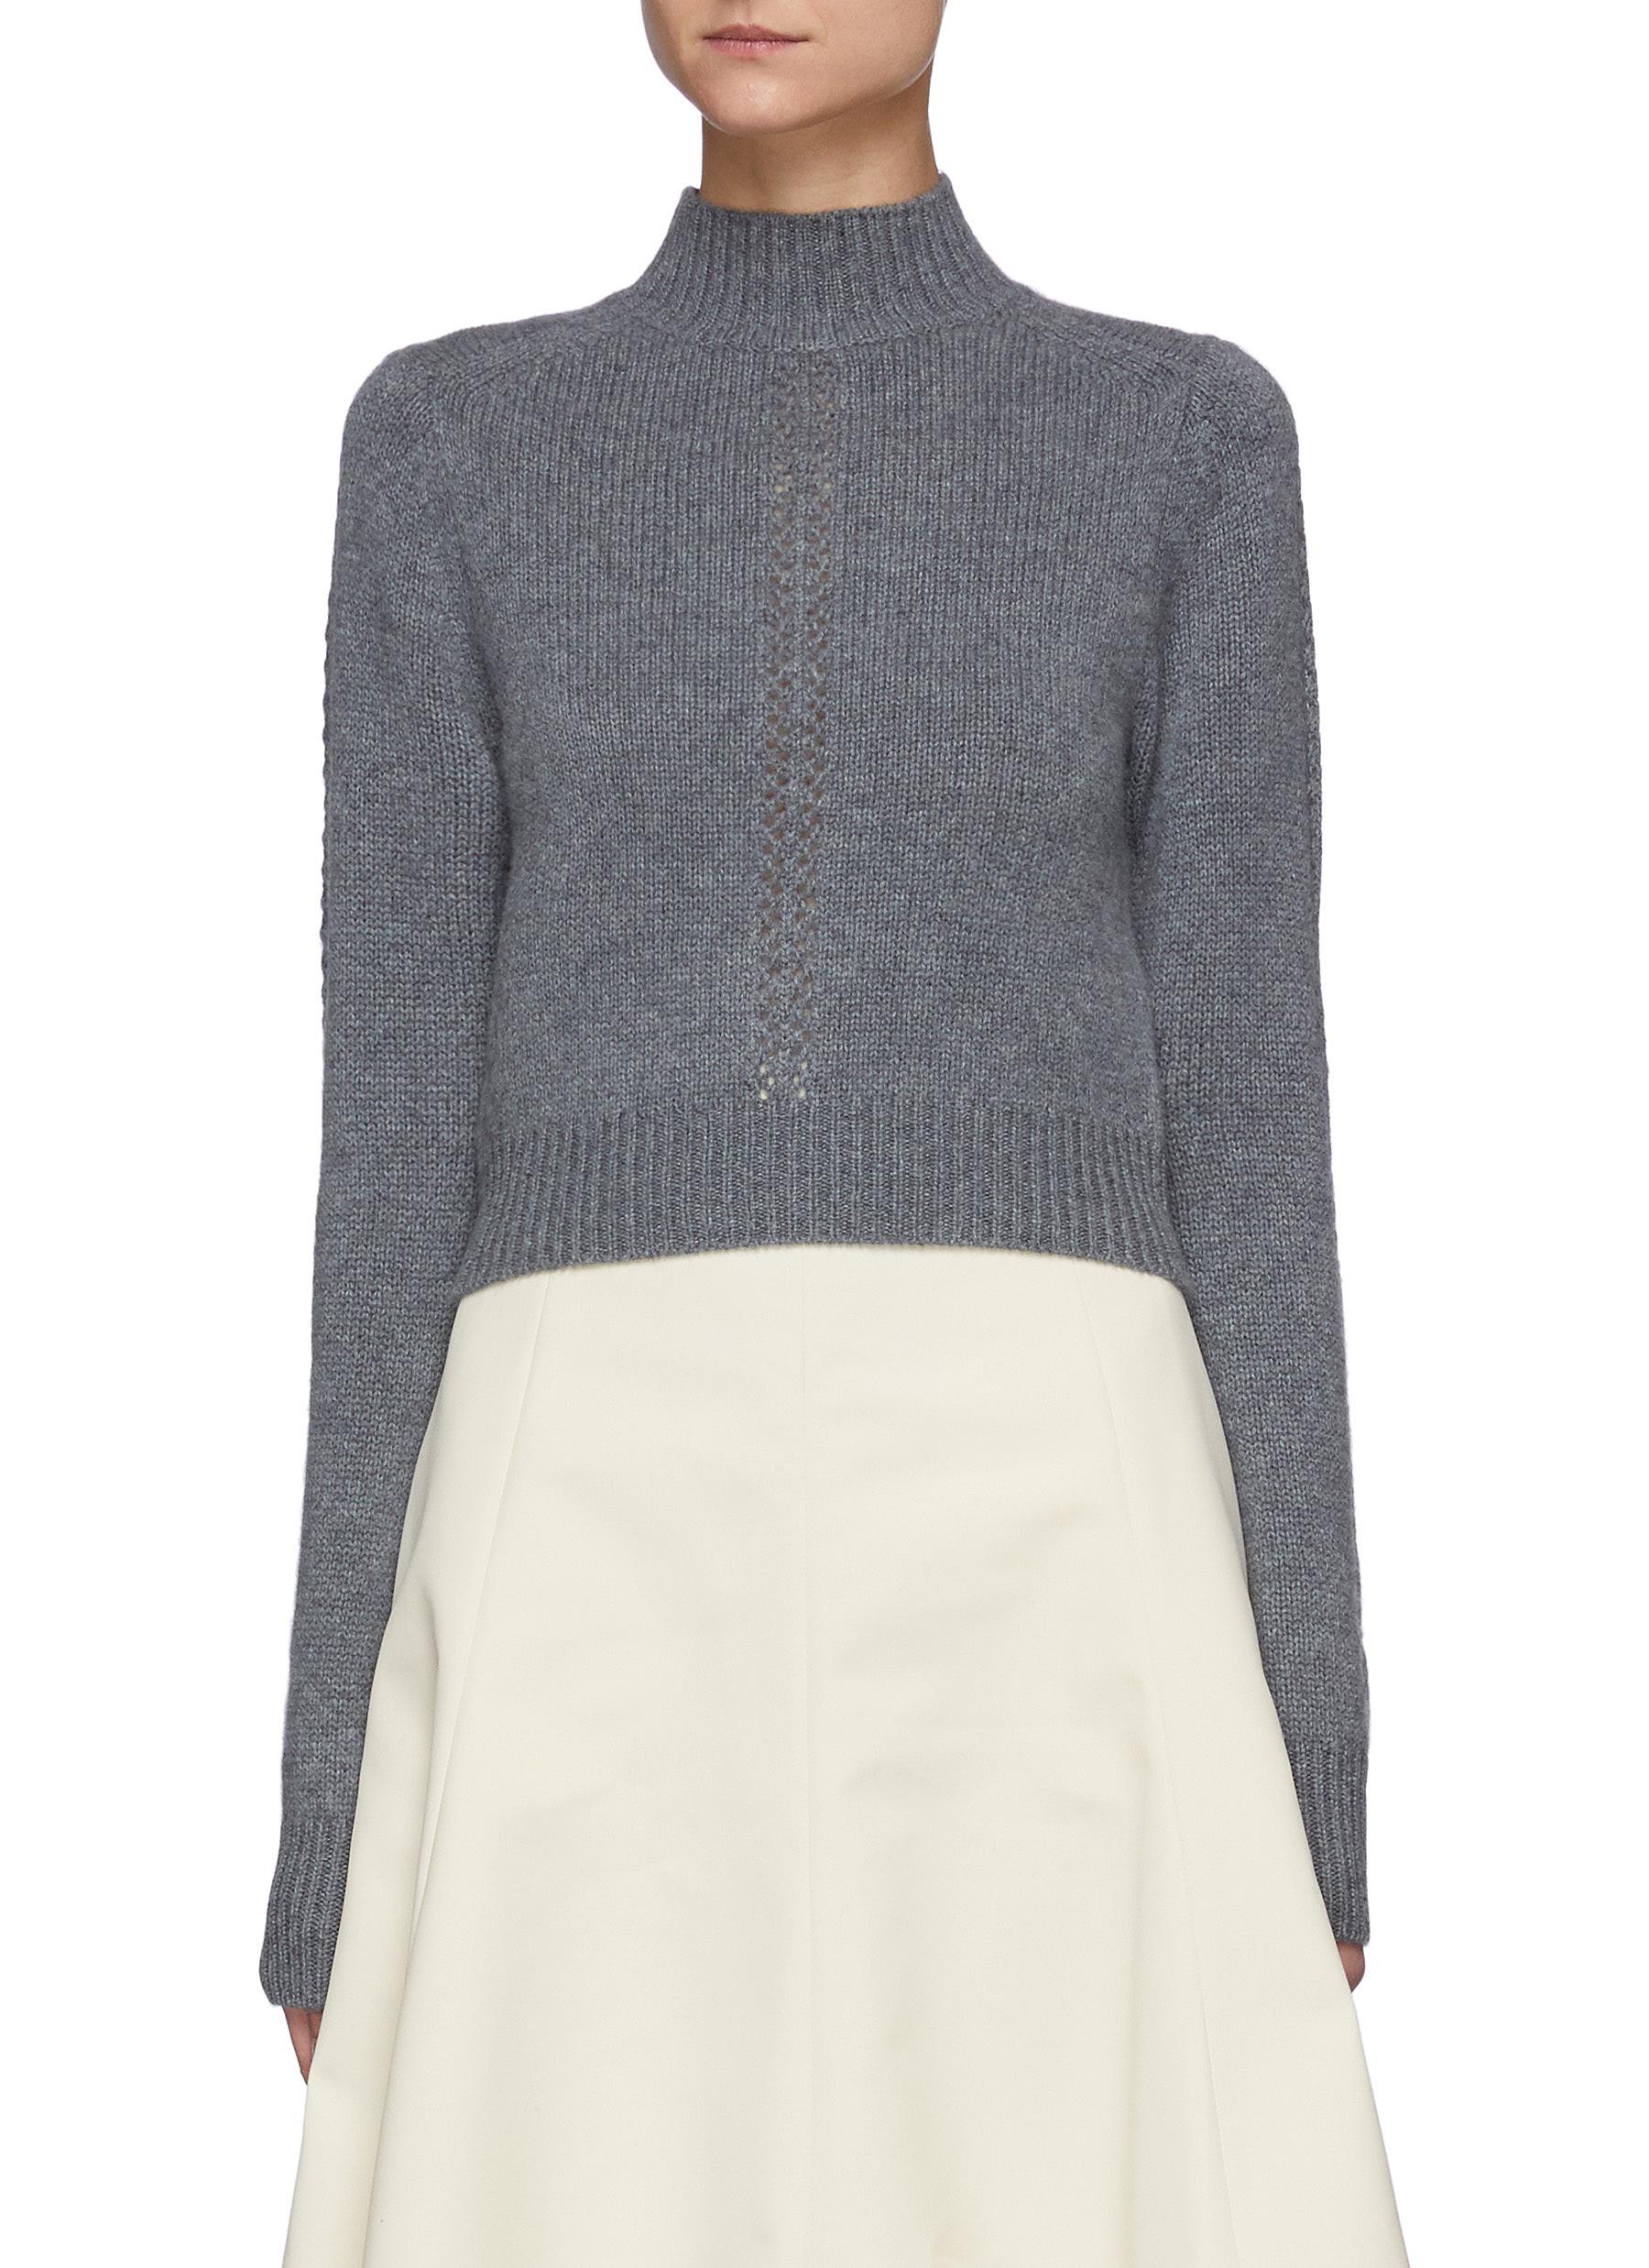 Milano' Mid Neck Sweater